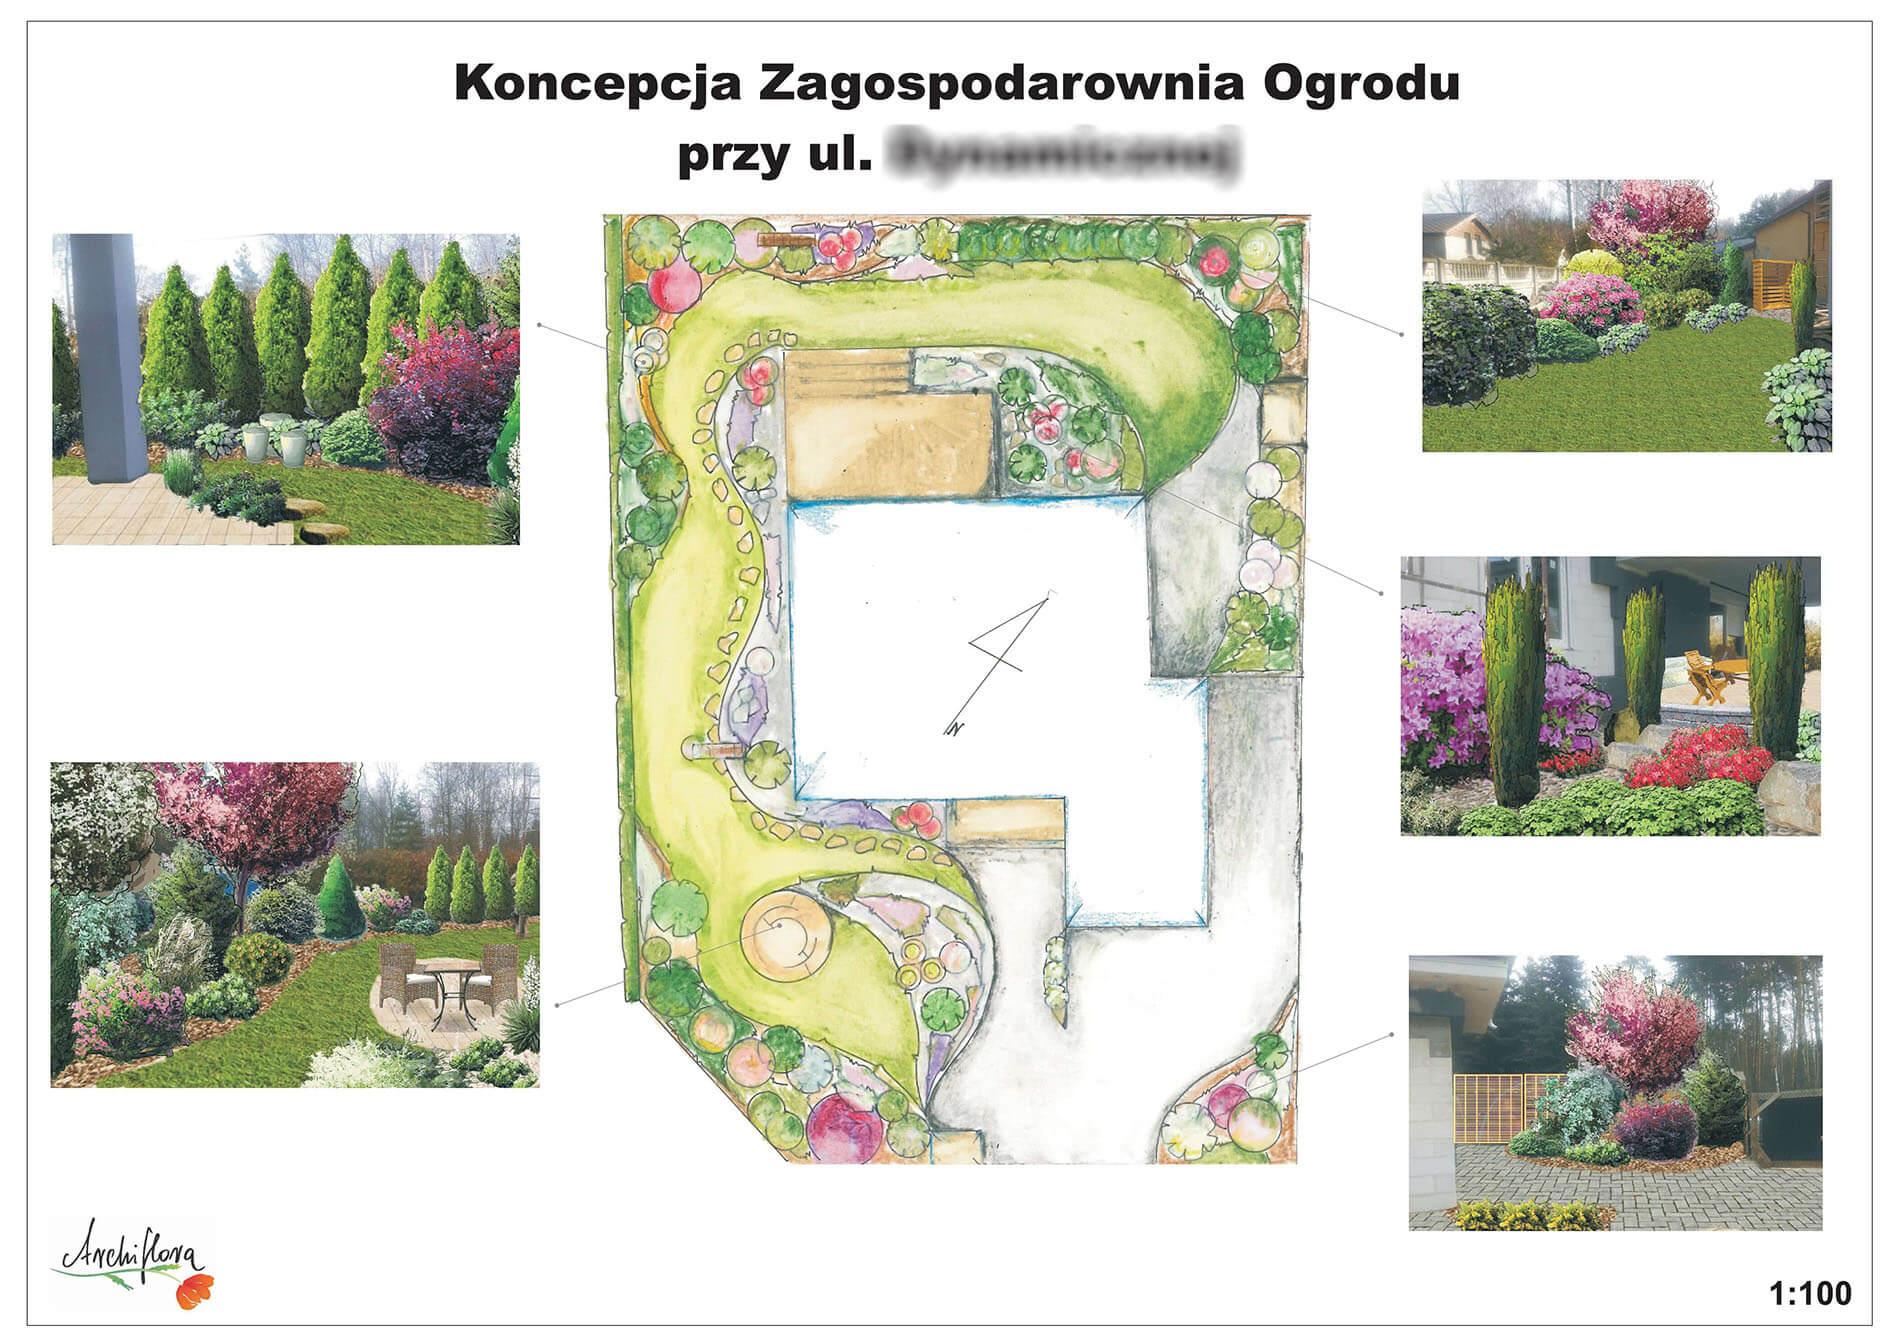 koncepcja zagospodarowania ogrodu